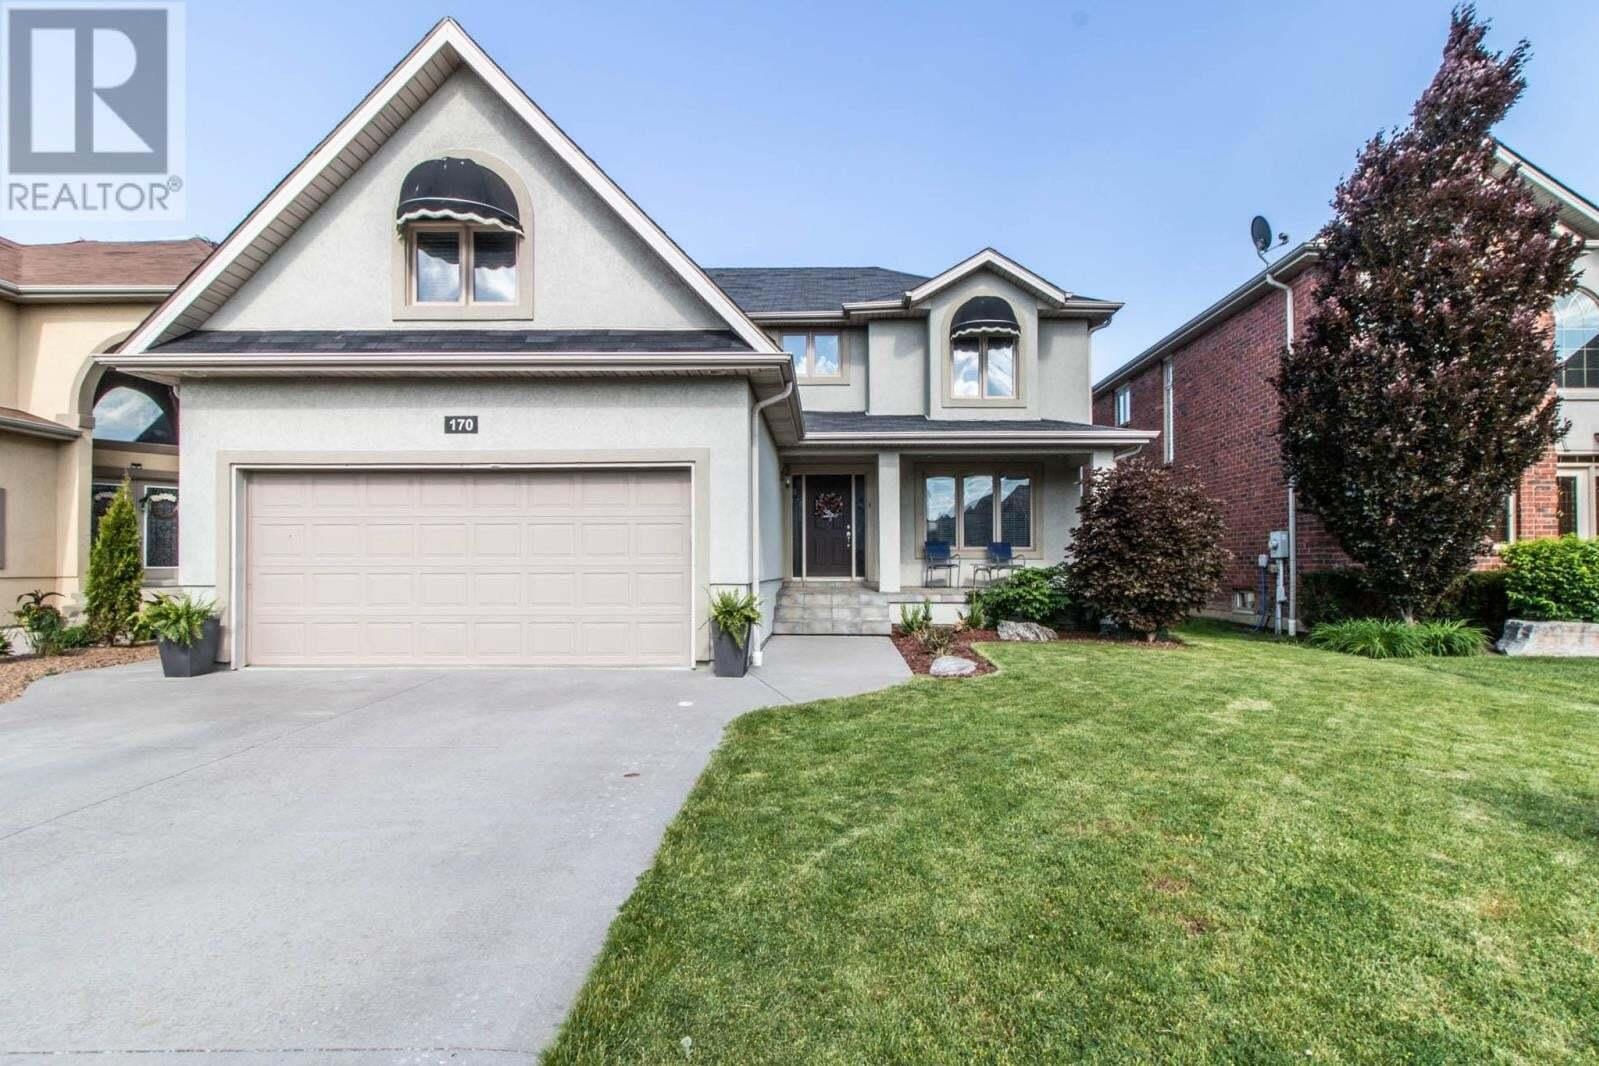 House for sale at 170 Diemer Ct Tecumseh Ontario - MLS: 20007465